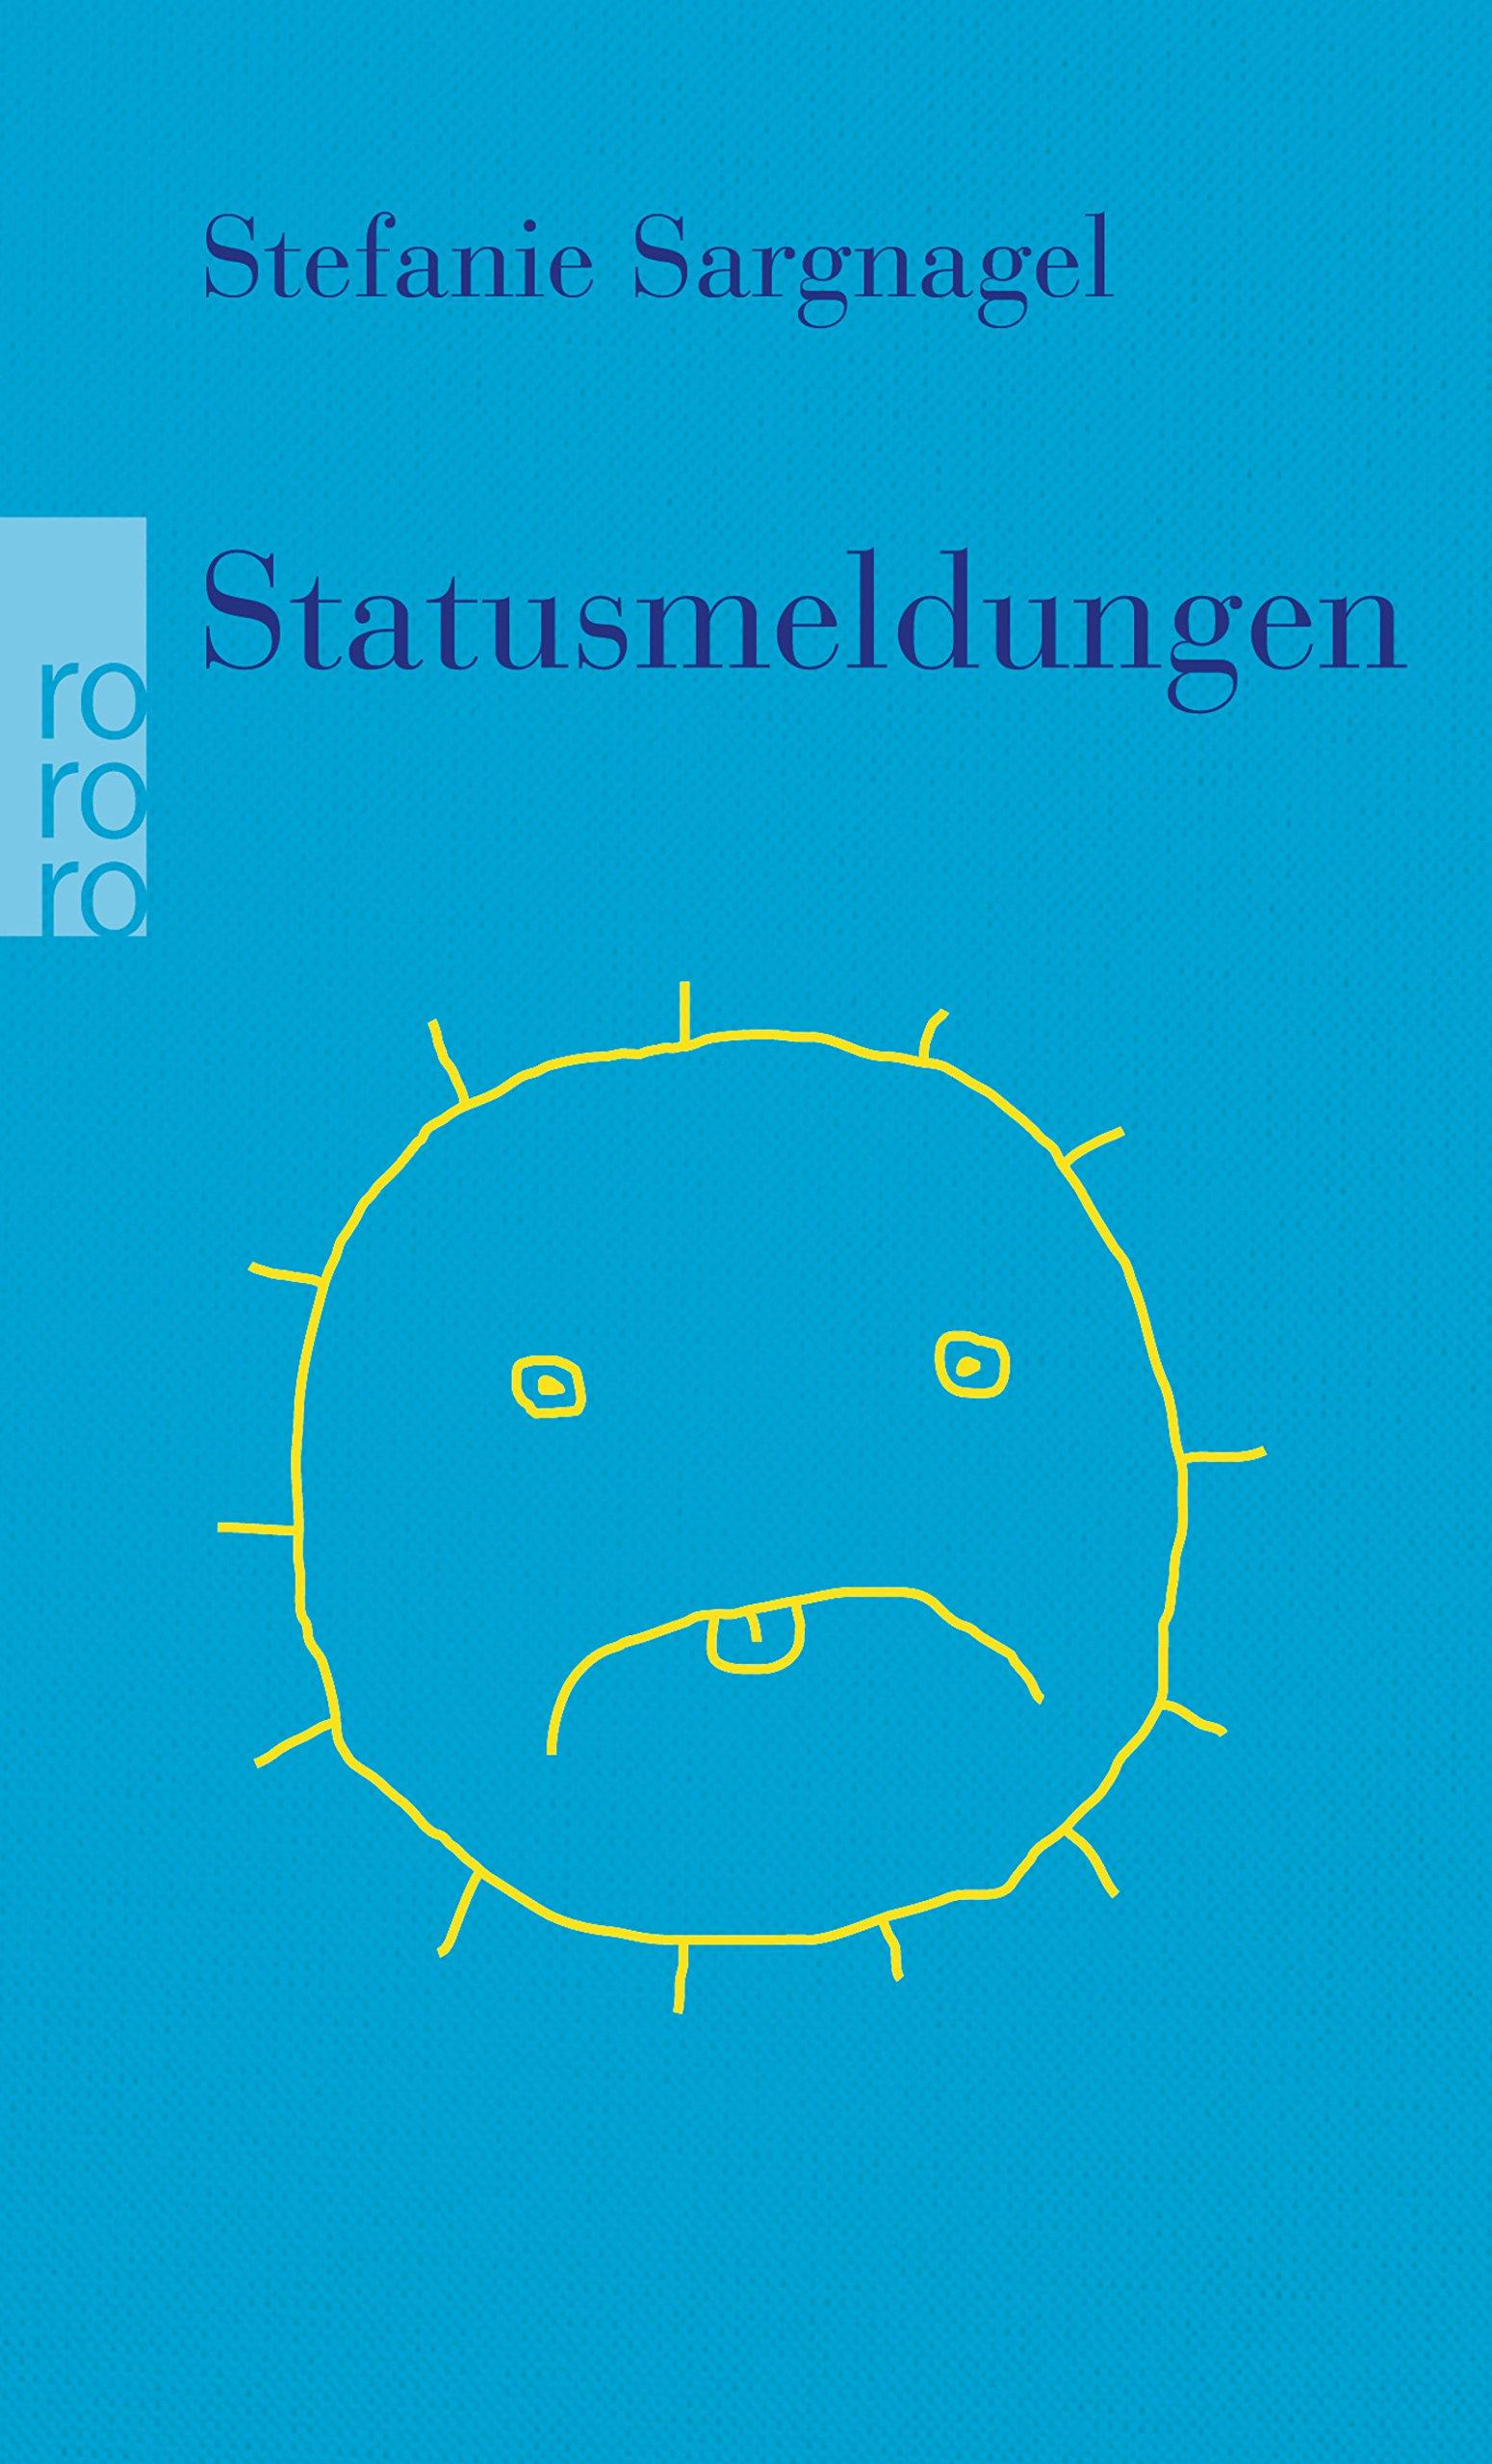 Statusmeldungen Taschenbuch – 24. Juli 2018 Stefanie Sargnagel Rowohlt Taschenbuch 3499290138 2010 bis 2019 n. Chr.